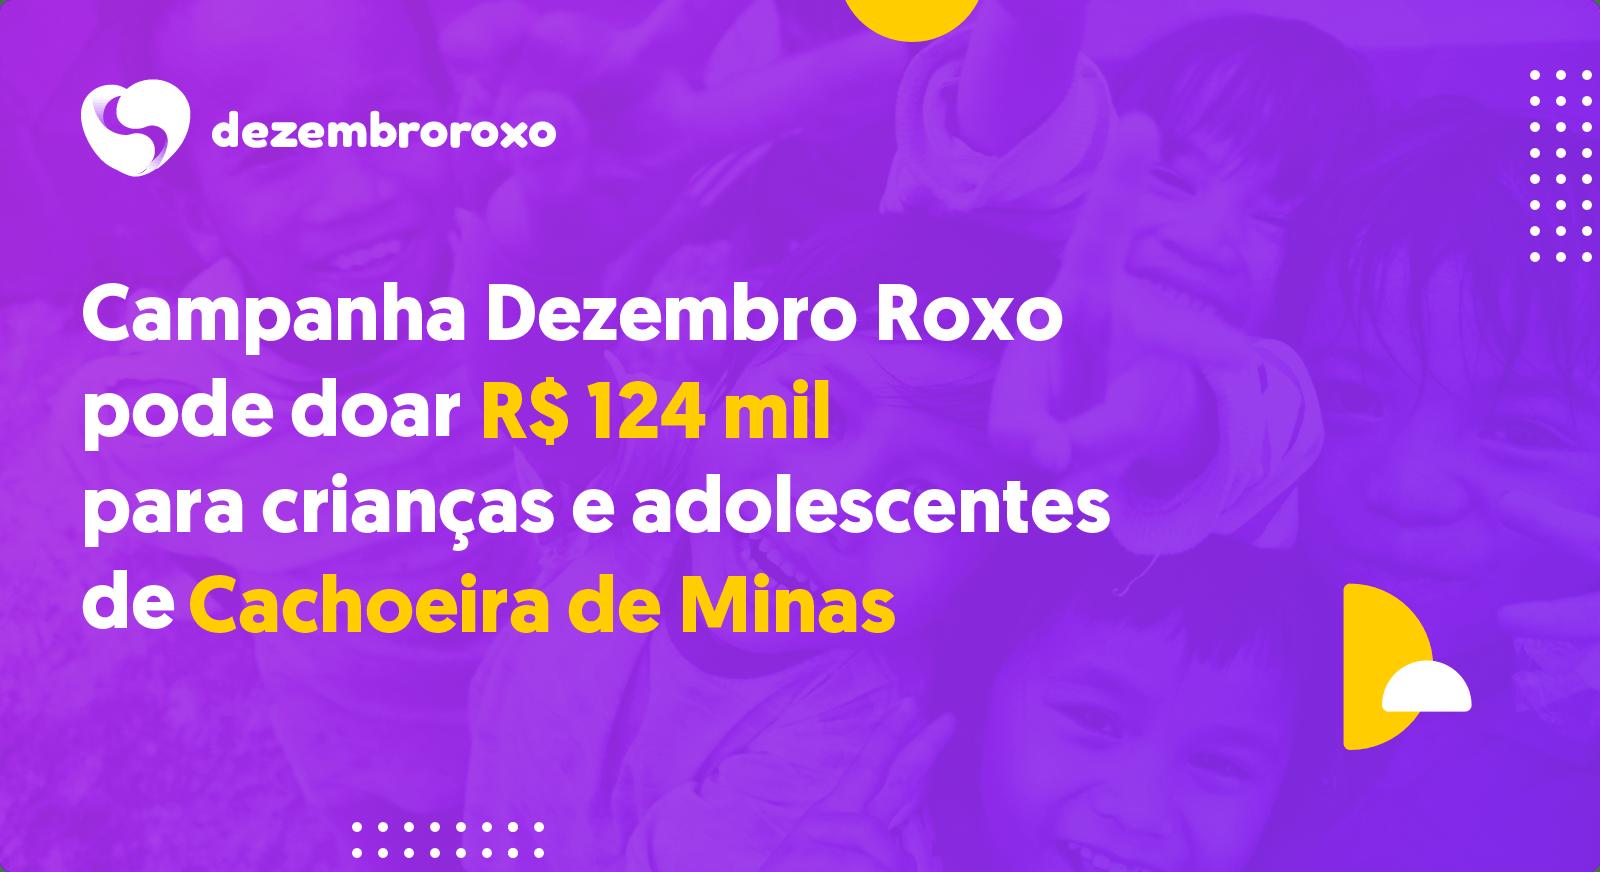 Doações em Cachoeira de Minas - MG